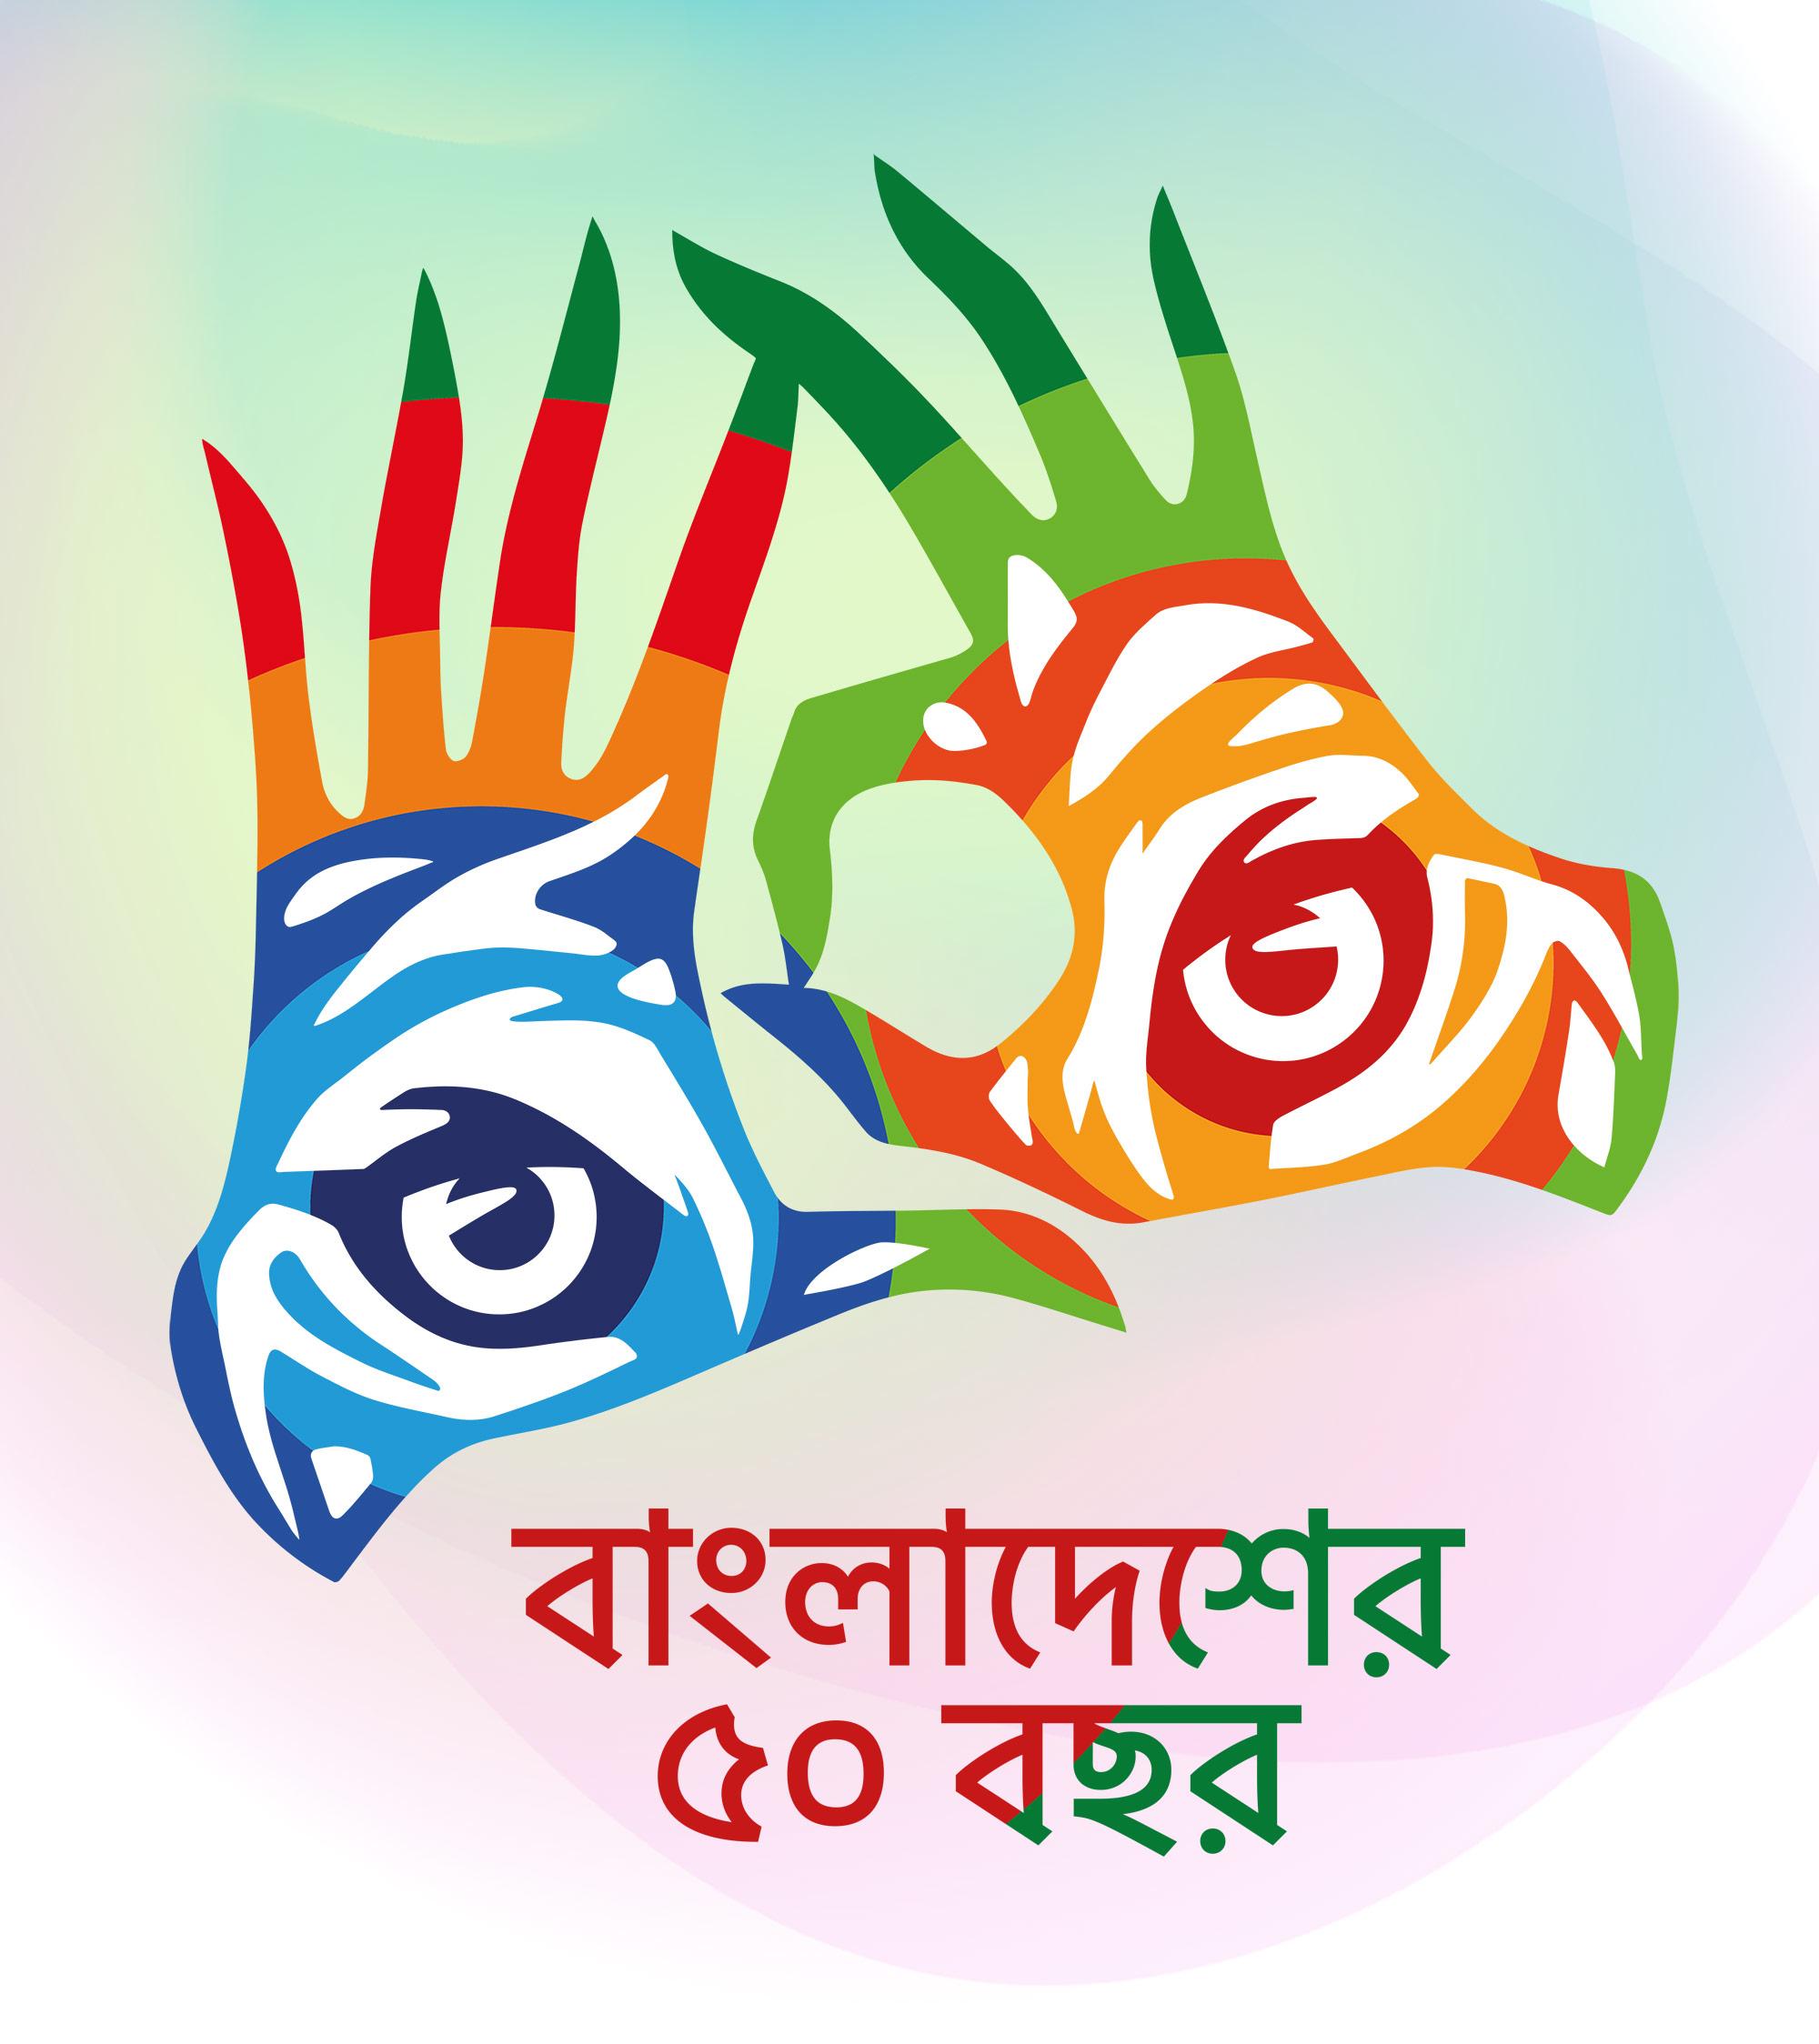 trommer 50 years of bangladesh logo bengali